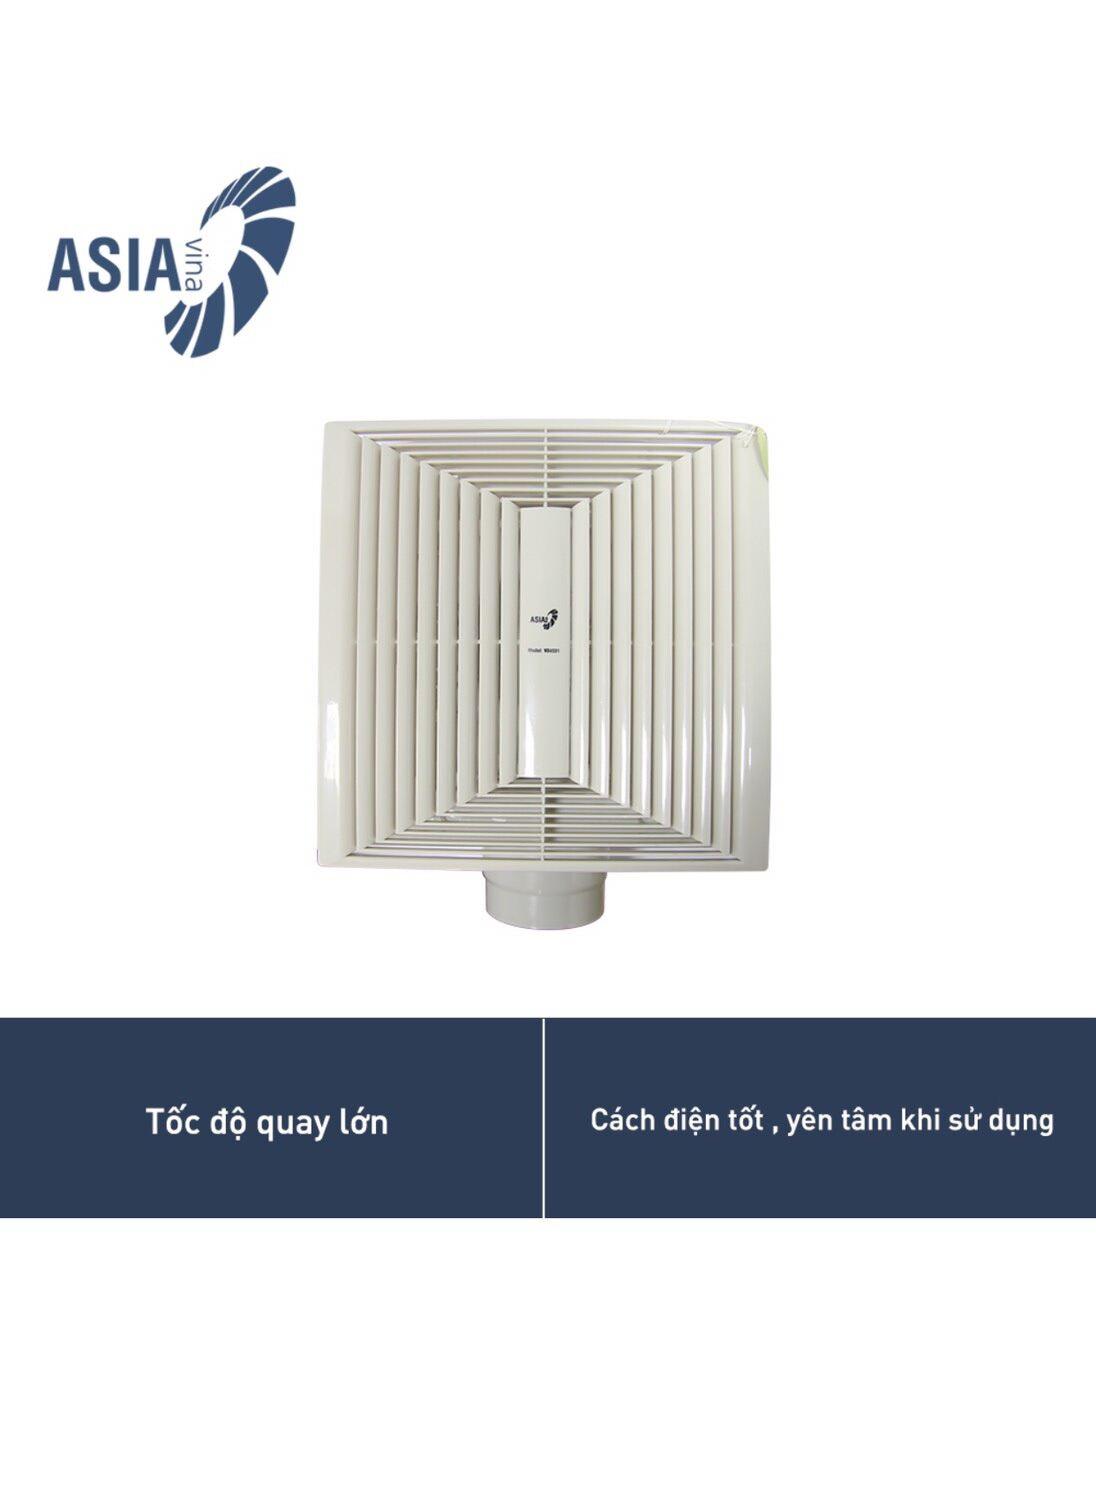 Quạt thông gió asia V04001-công suất 45w-lượng gió3,1m3/phút-vòng quay mỗi phút 1200